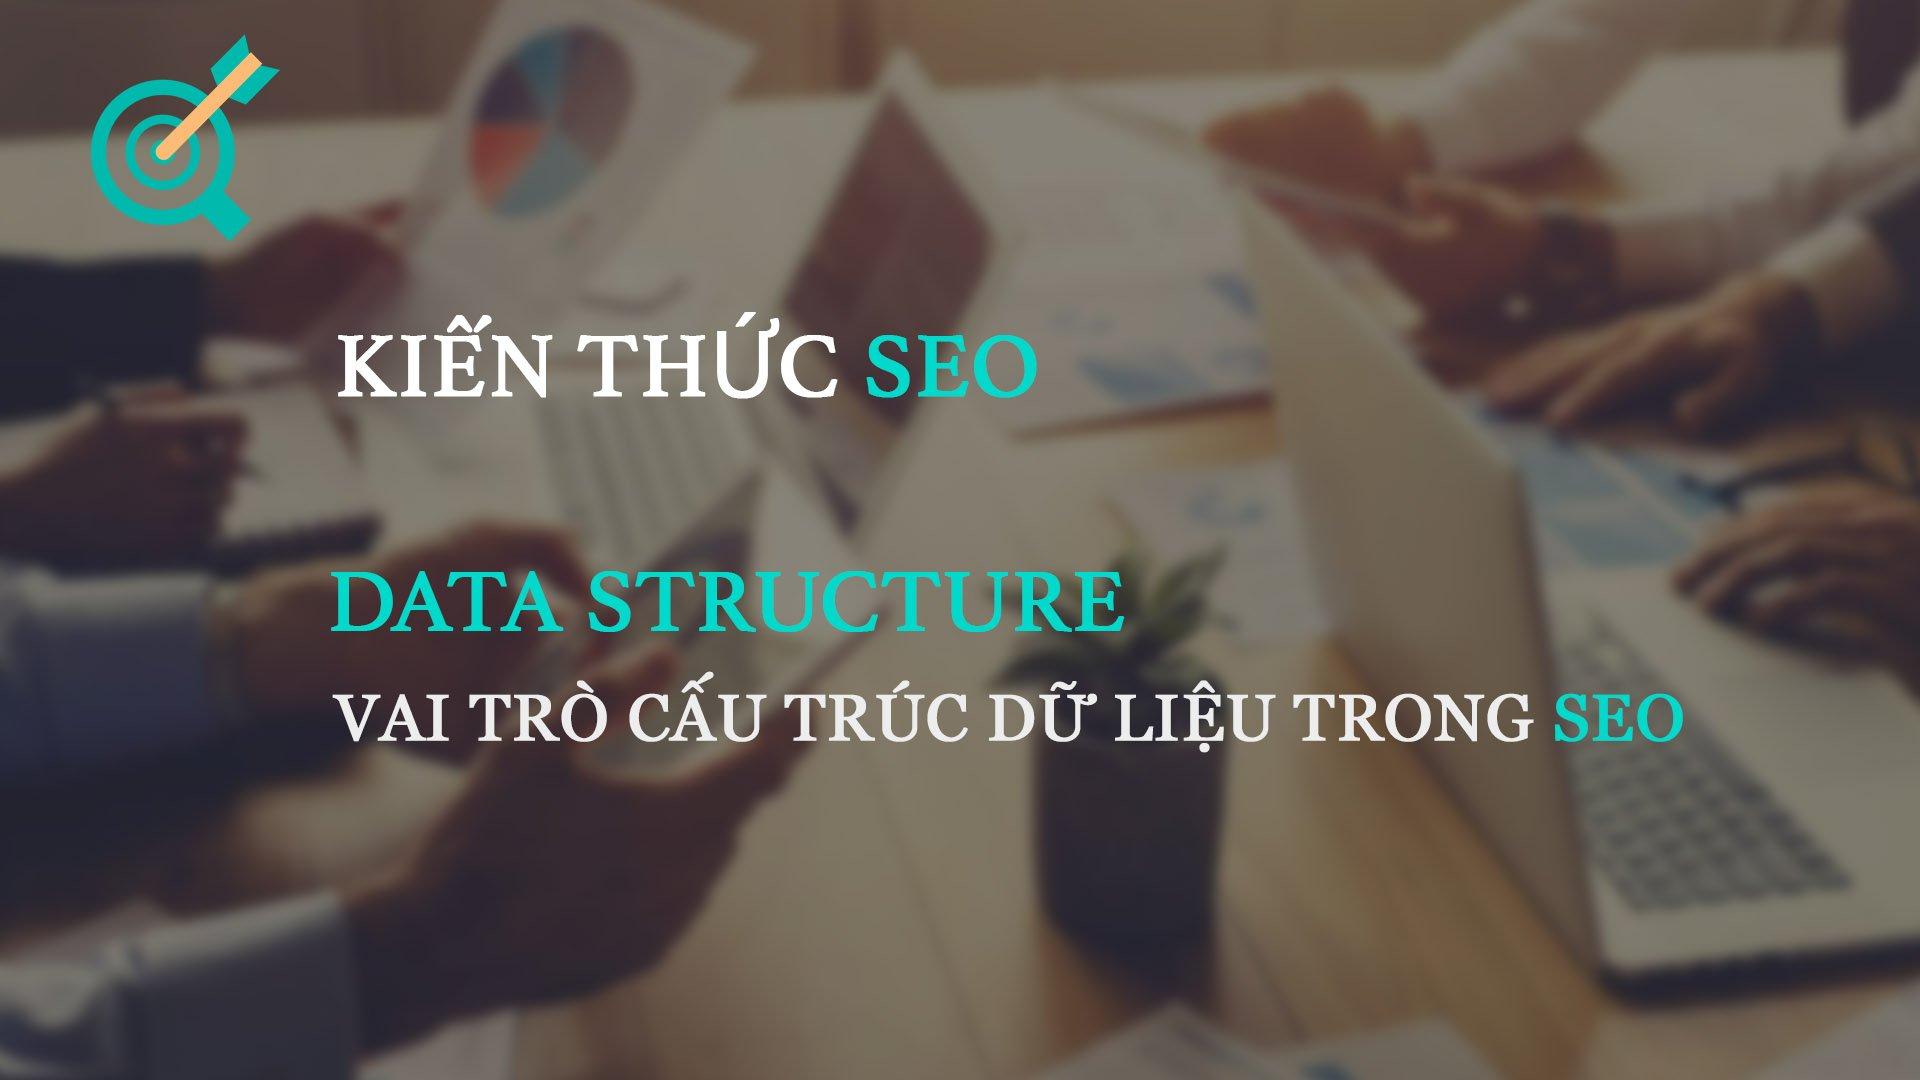 Data Structure – Vai trò cấu trúc dữ liệu trong SEO